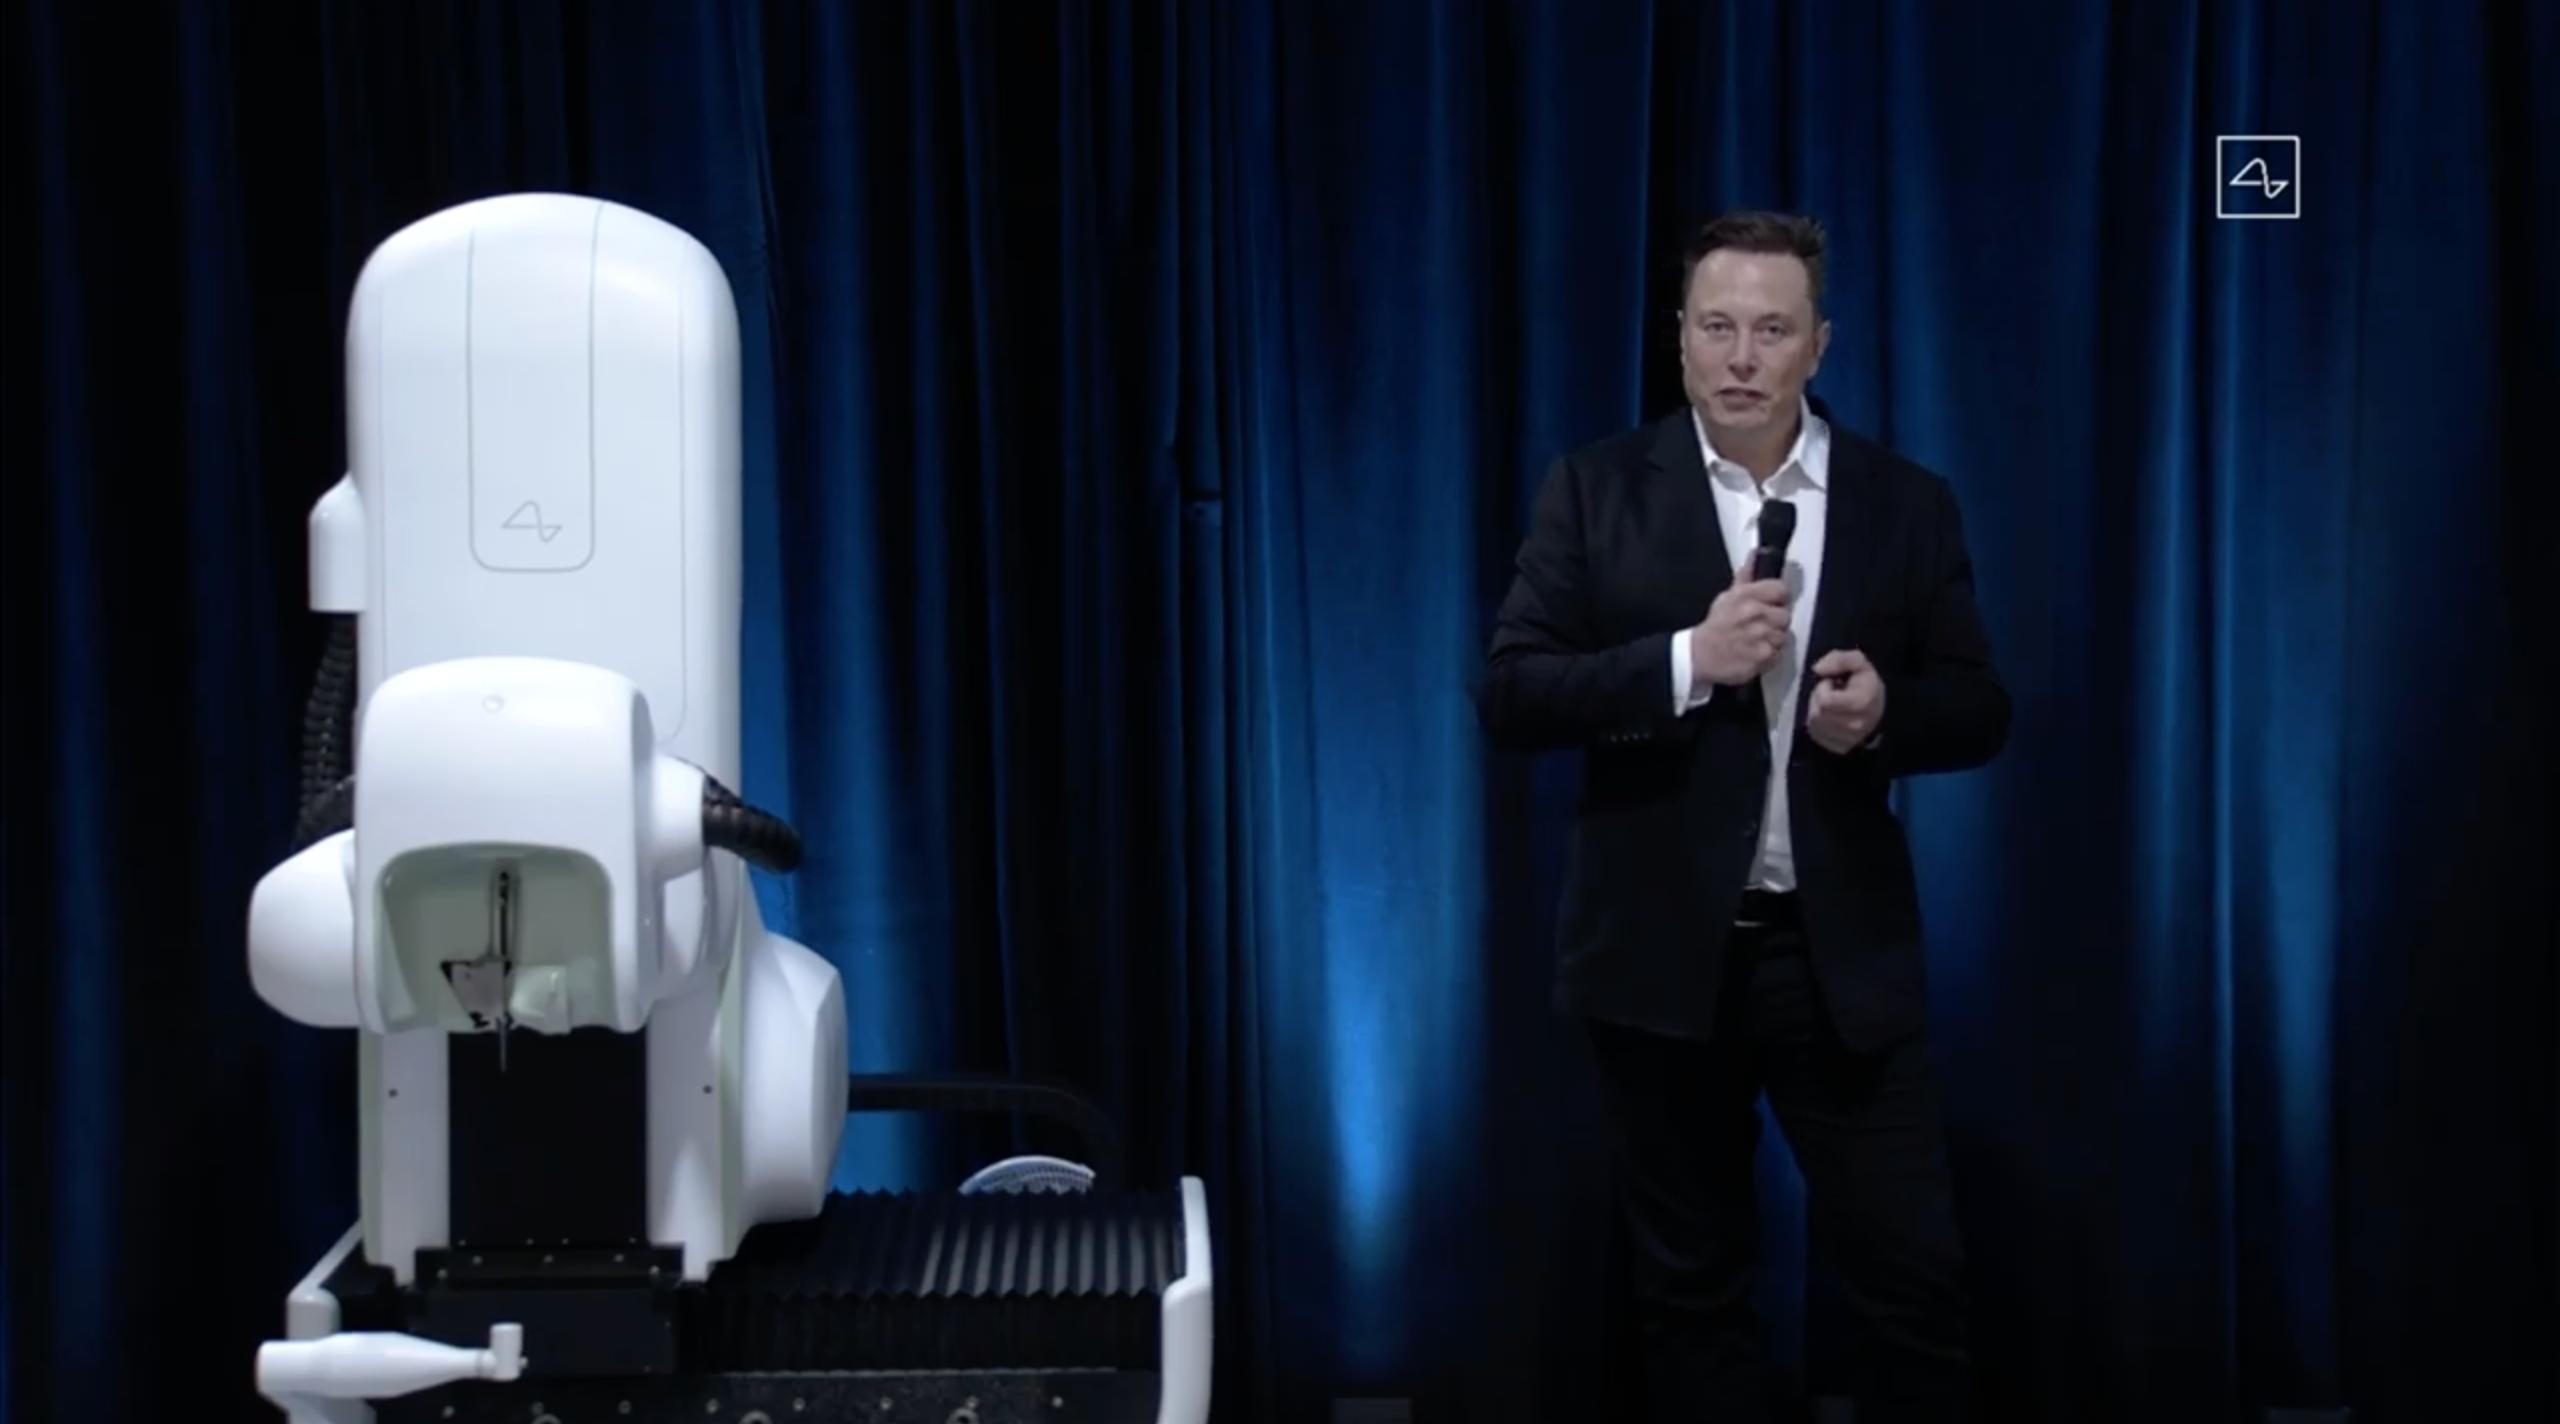 最新Neuralink机器人,负责植入Neuralink芯片。马斯克表示,植入过程可以在不到一个小时内完成,不需要全身麻醉。